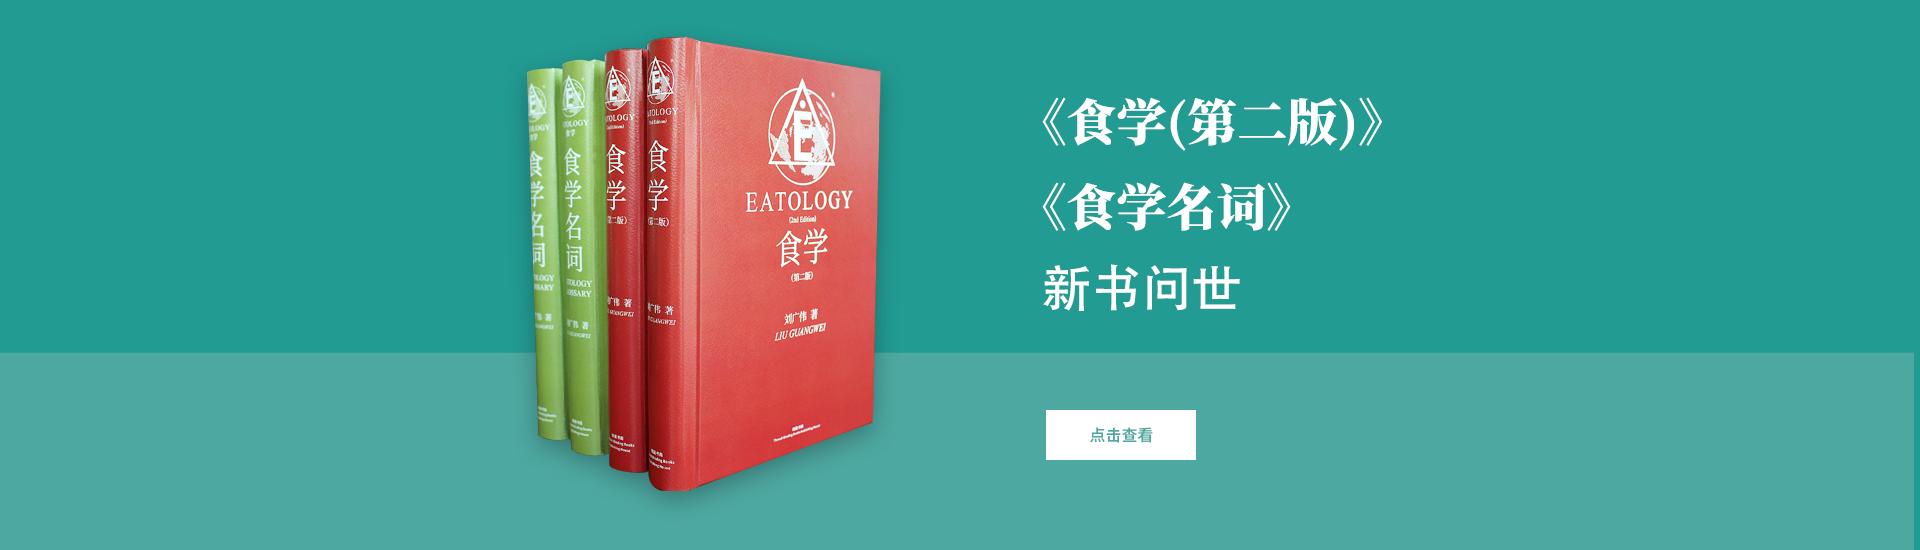 食学新书发布会